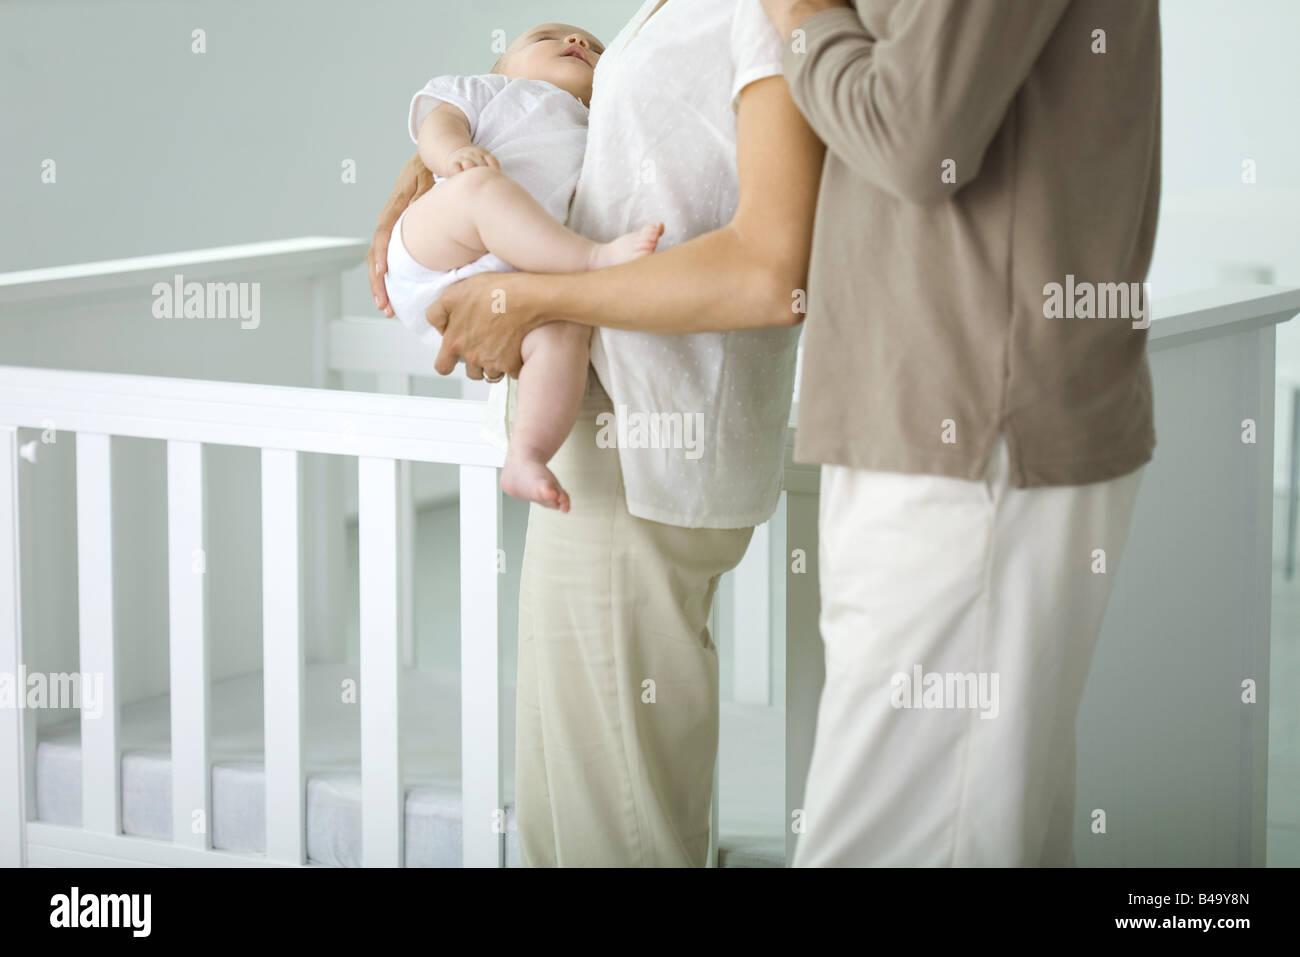 Eltern stehen neben Krippe im Kindergarten, beschnitten Mutter hält schlafen Baby, Ansicht Stockbild